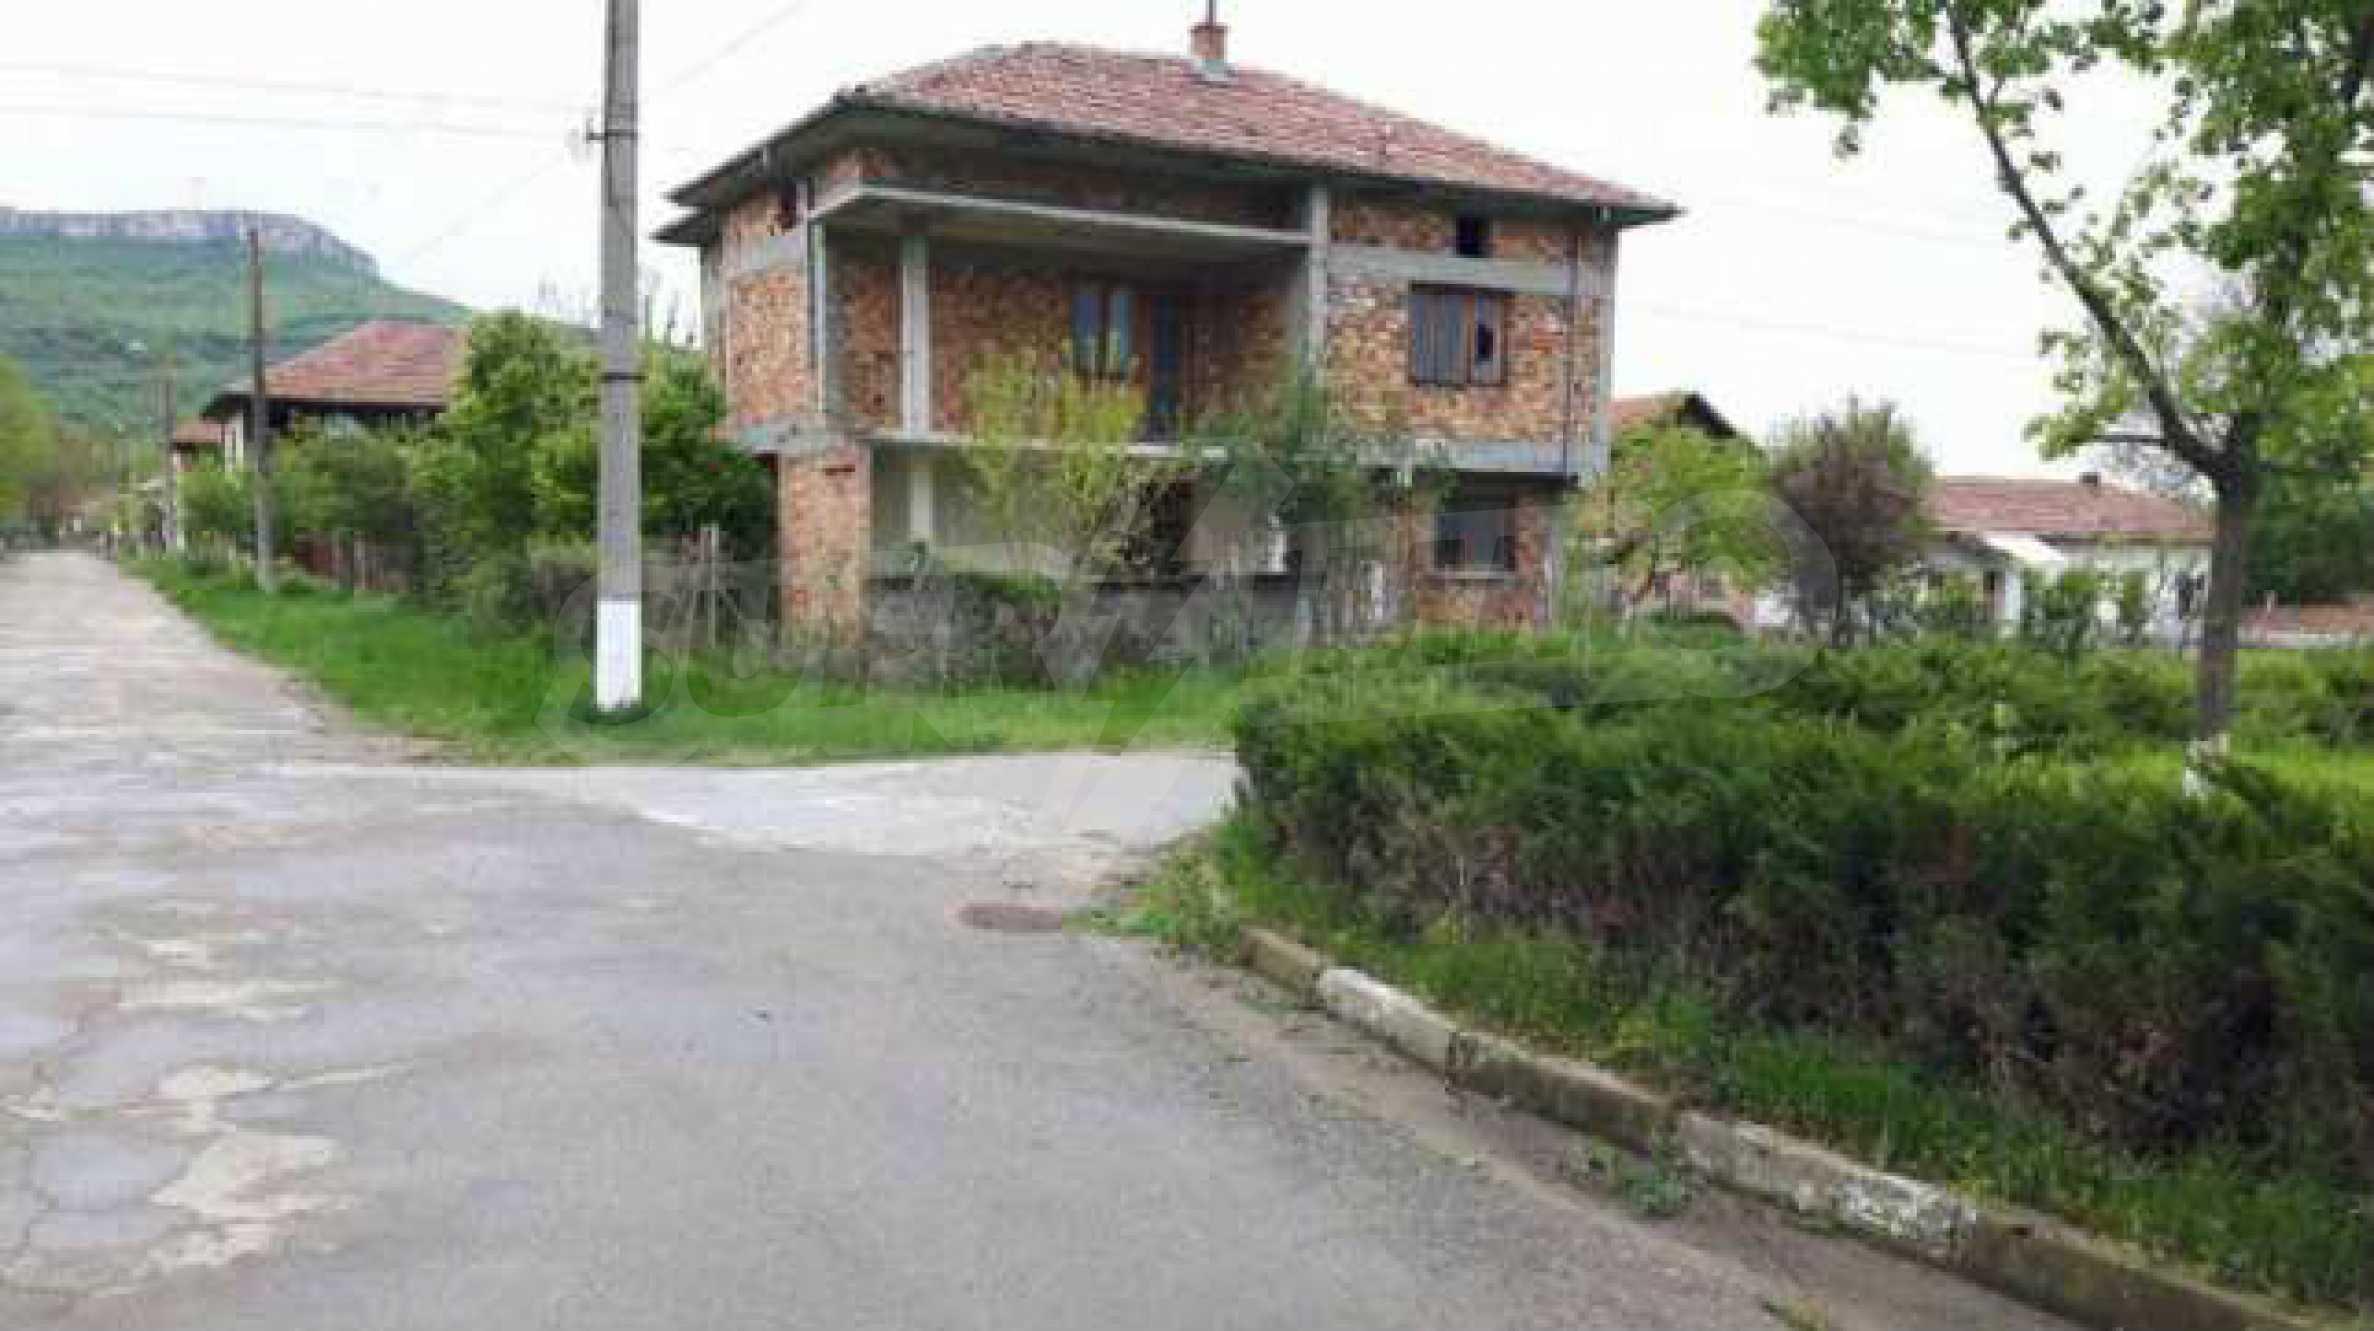 Новопостроена двуетажна къща в центъра на село, до язовир 3